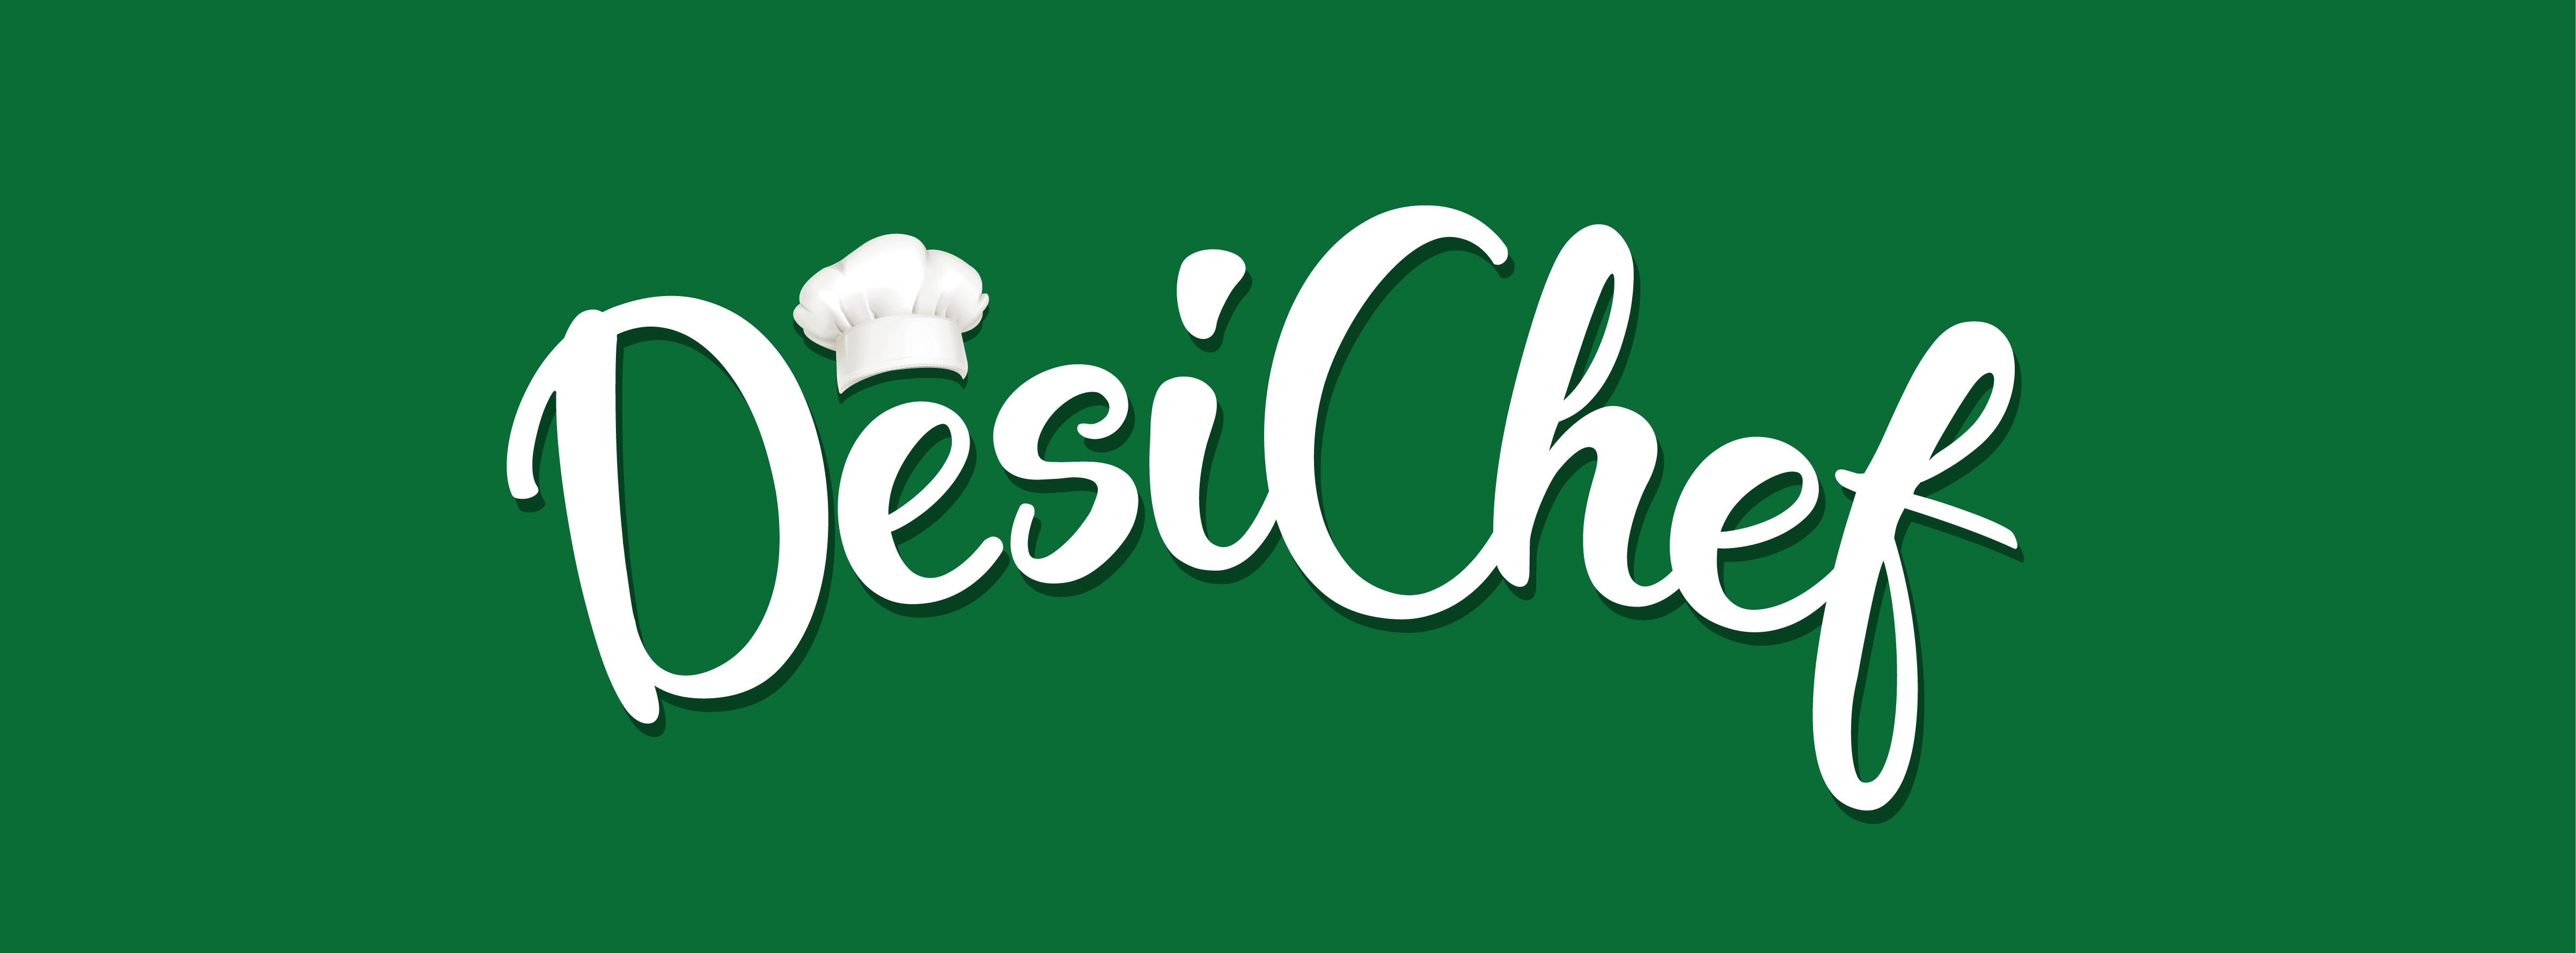 Desi Chef - Frozen Food Brand